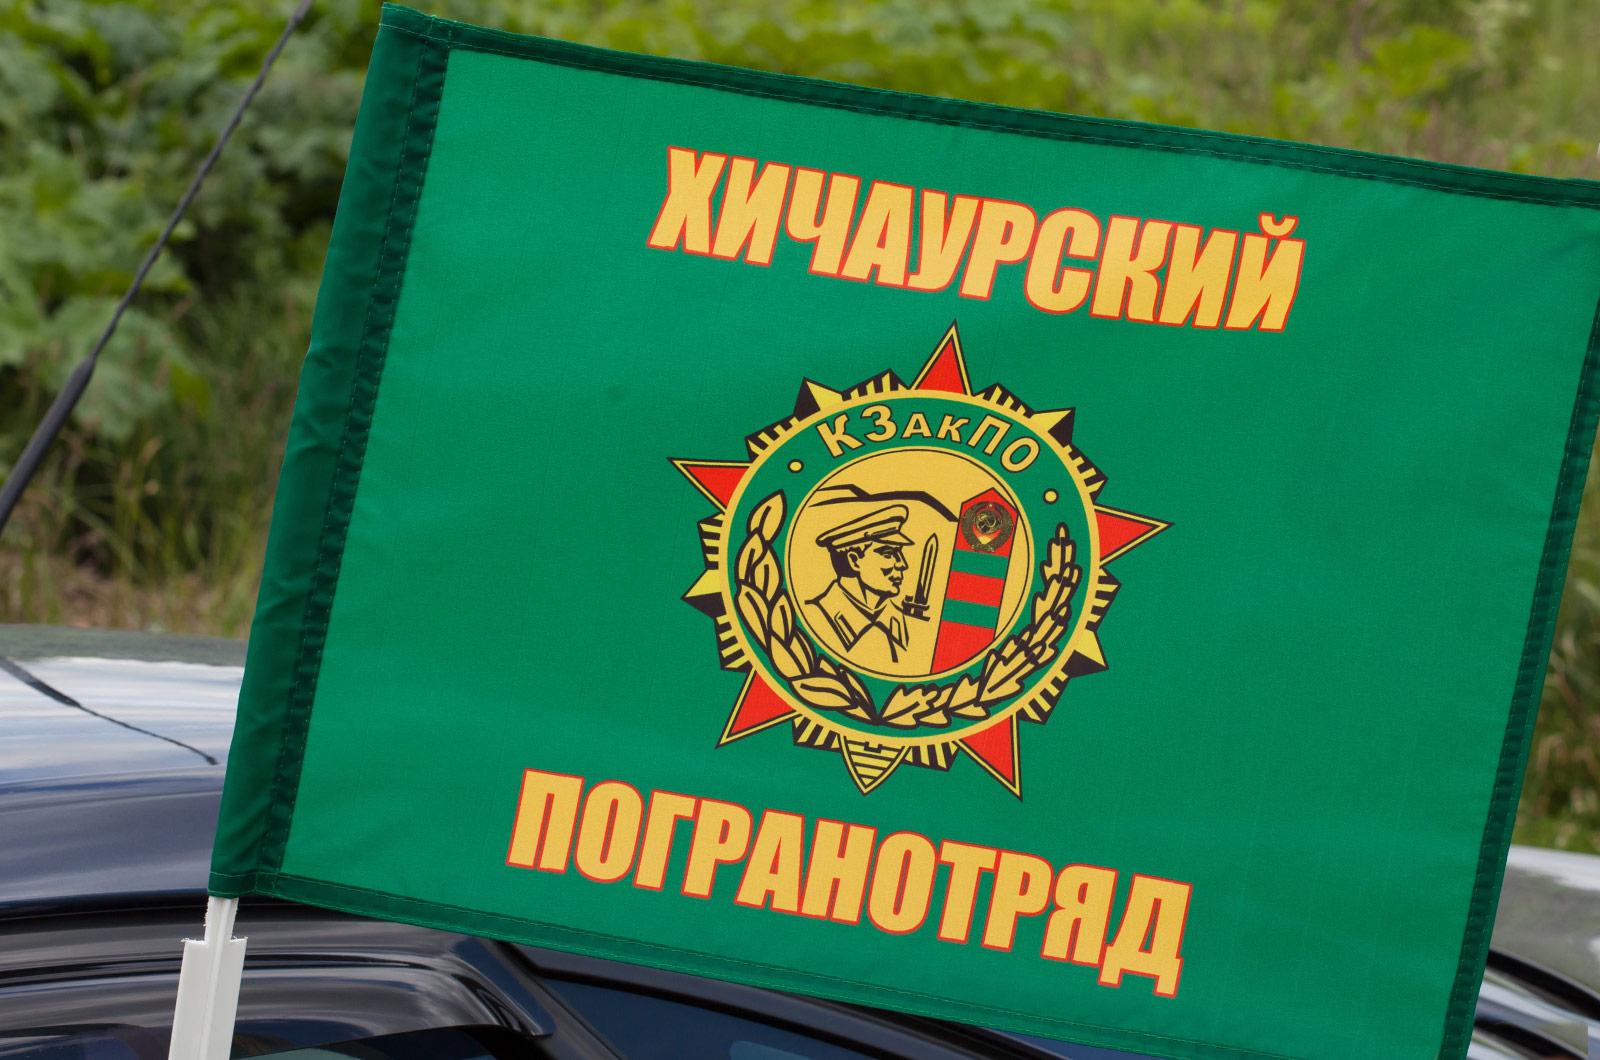 Флаг на машину «Хичаурский погранотряд»